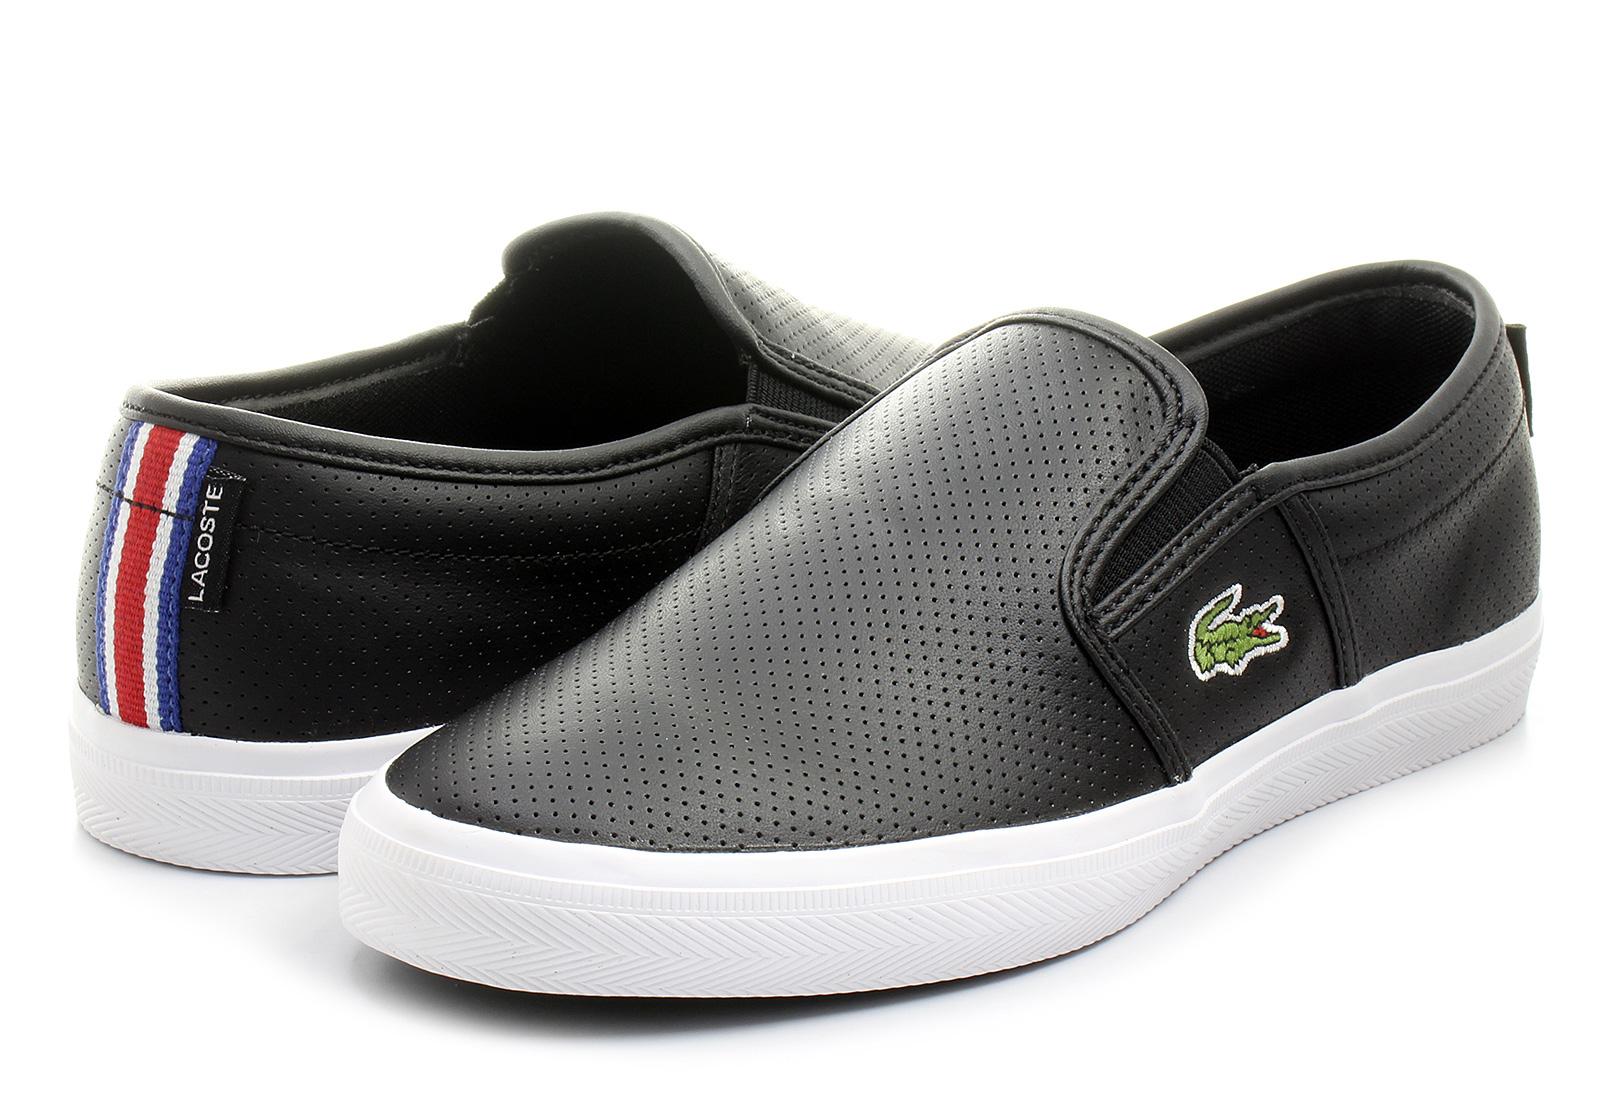 lacoste shoes gazon sport 153spm0012 02h shop